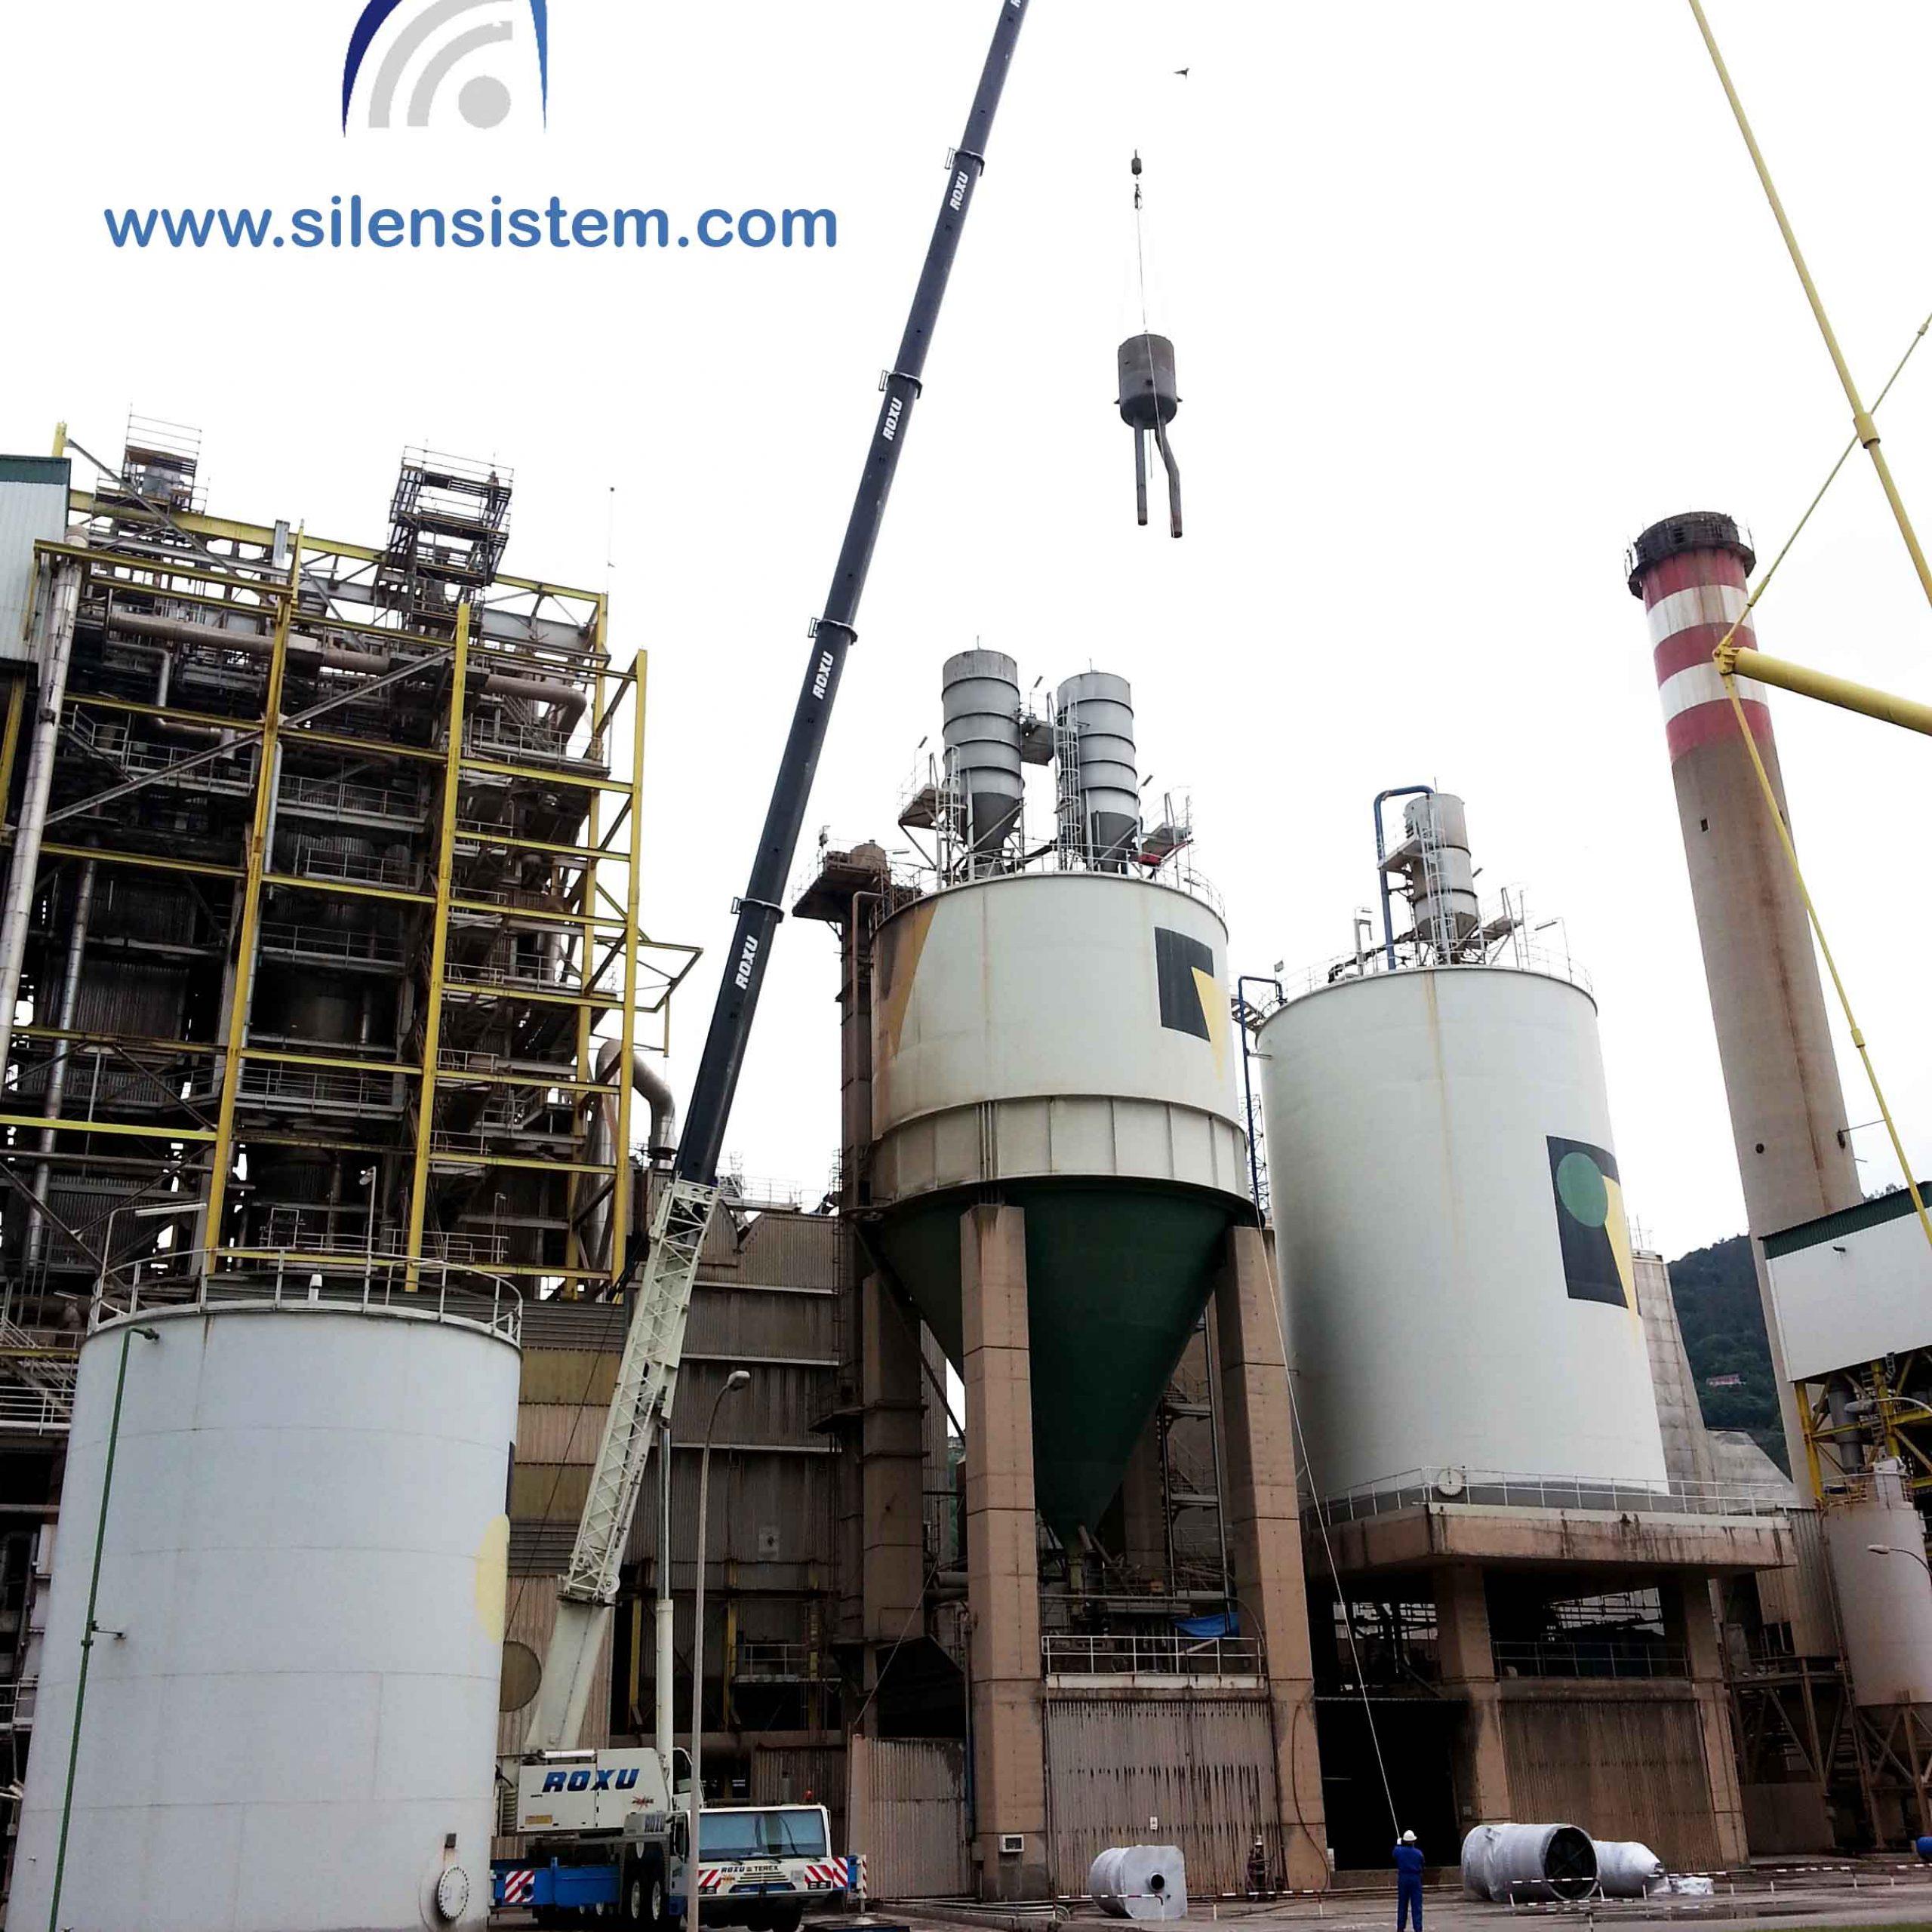 Insonorización acústica y aislamiento acústico en una fabrica ubicada en un entorno industrial que excede los niveles de ruido permitidos